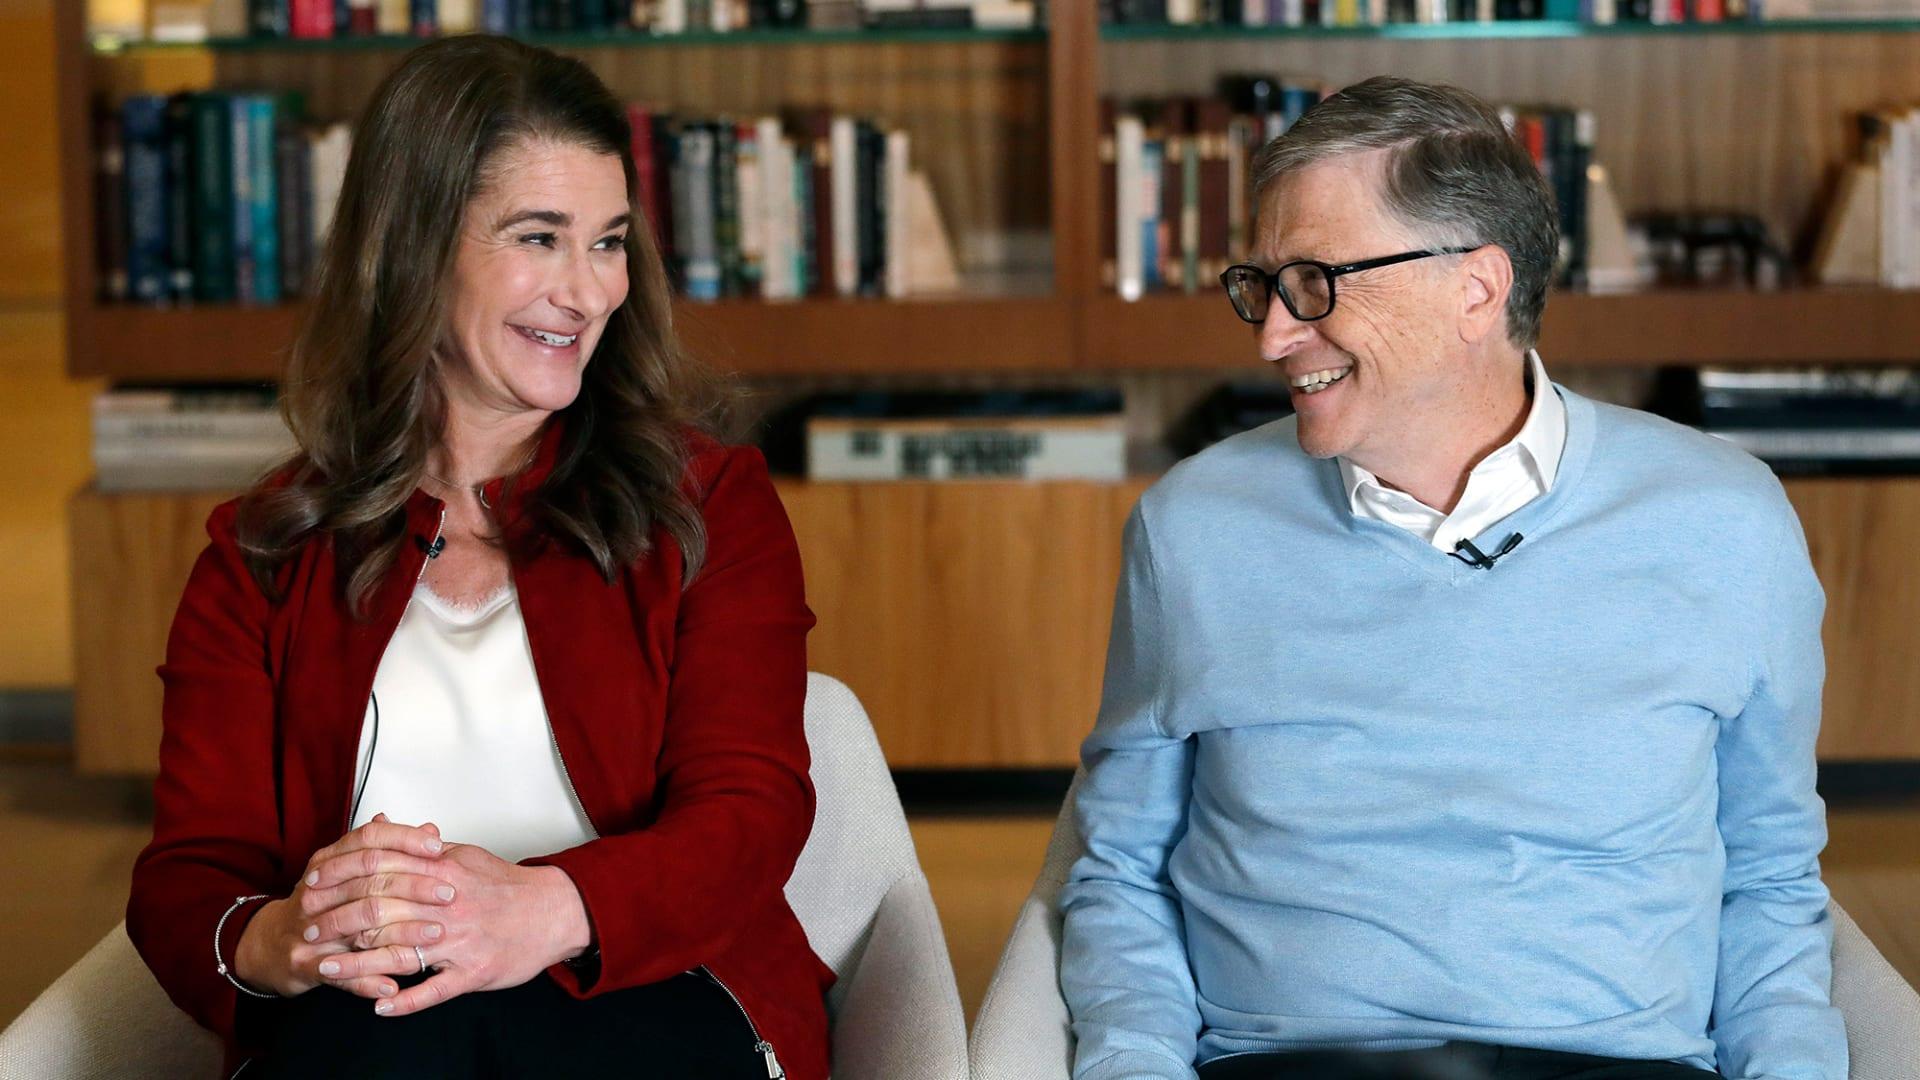 دامت 34 عاماً.. نظرة على علاقة بيل وميليندا غيتس عبر السنين